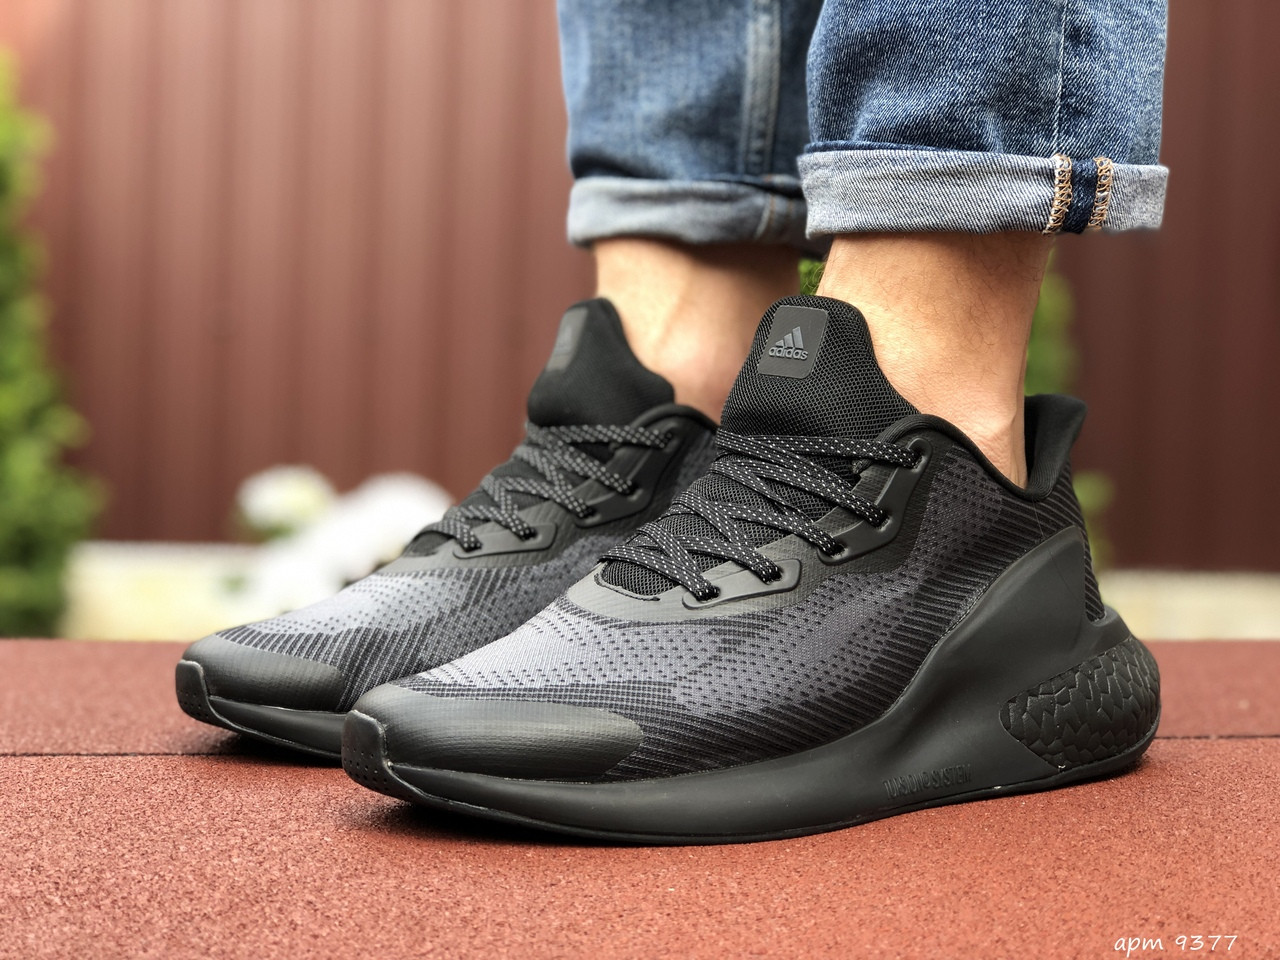 Мужские кроссовки Adidas Alphaboost (черные) 9377